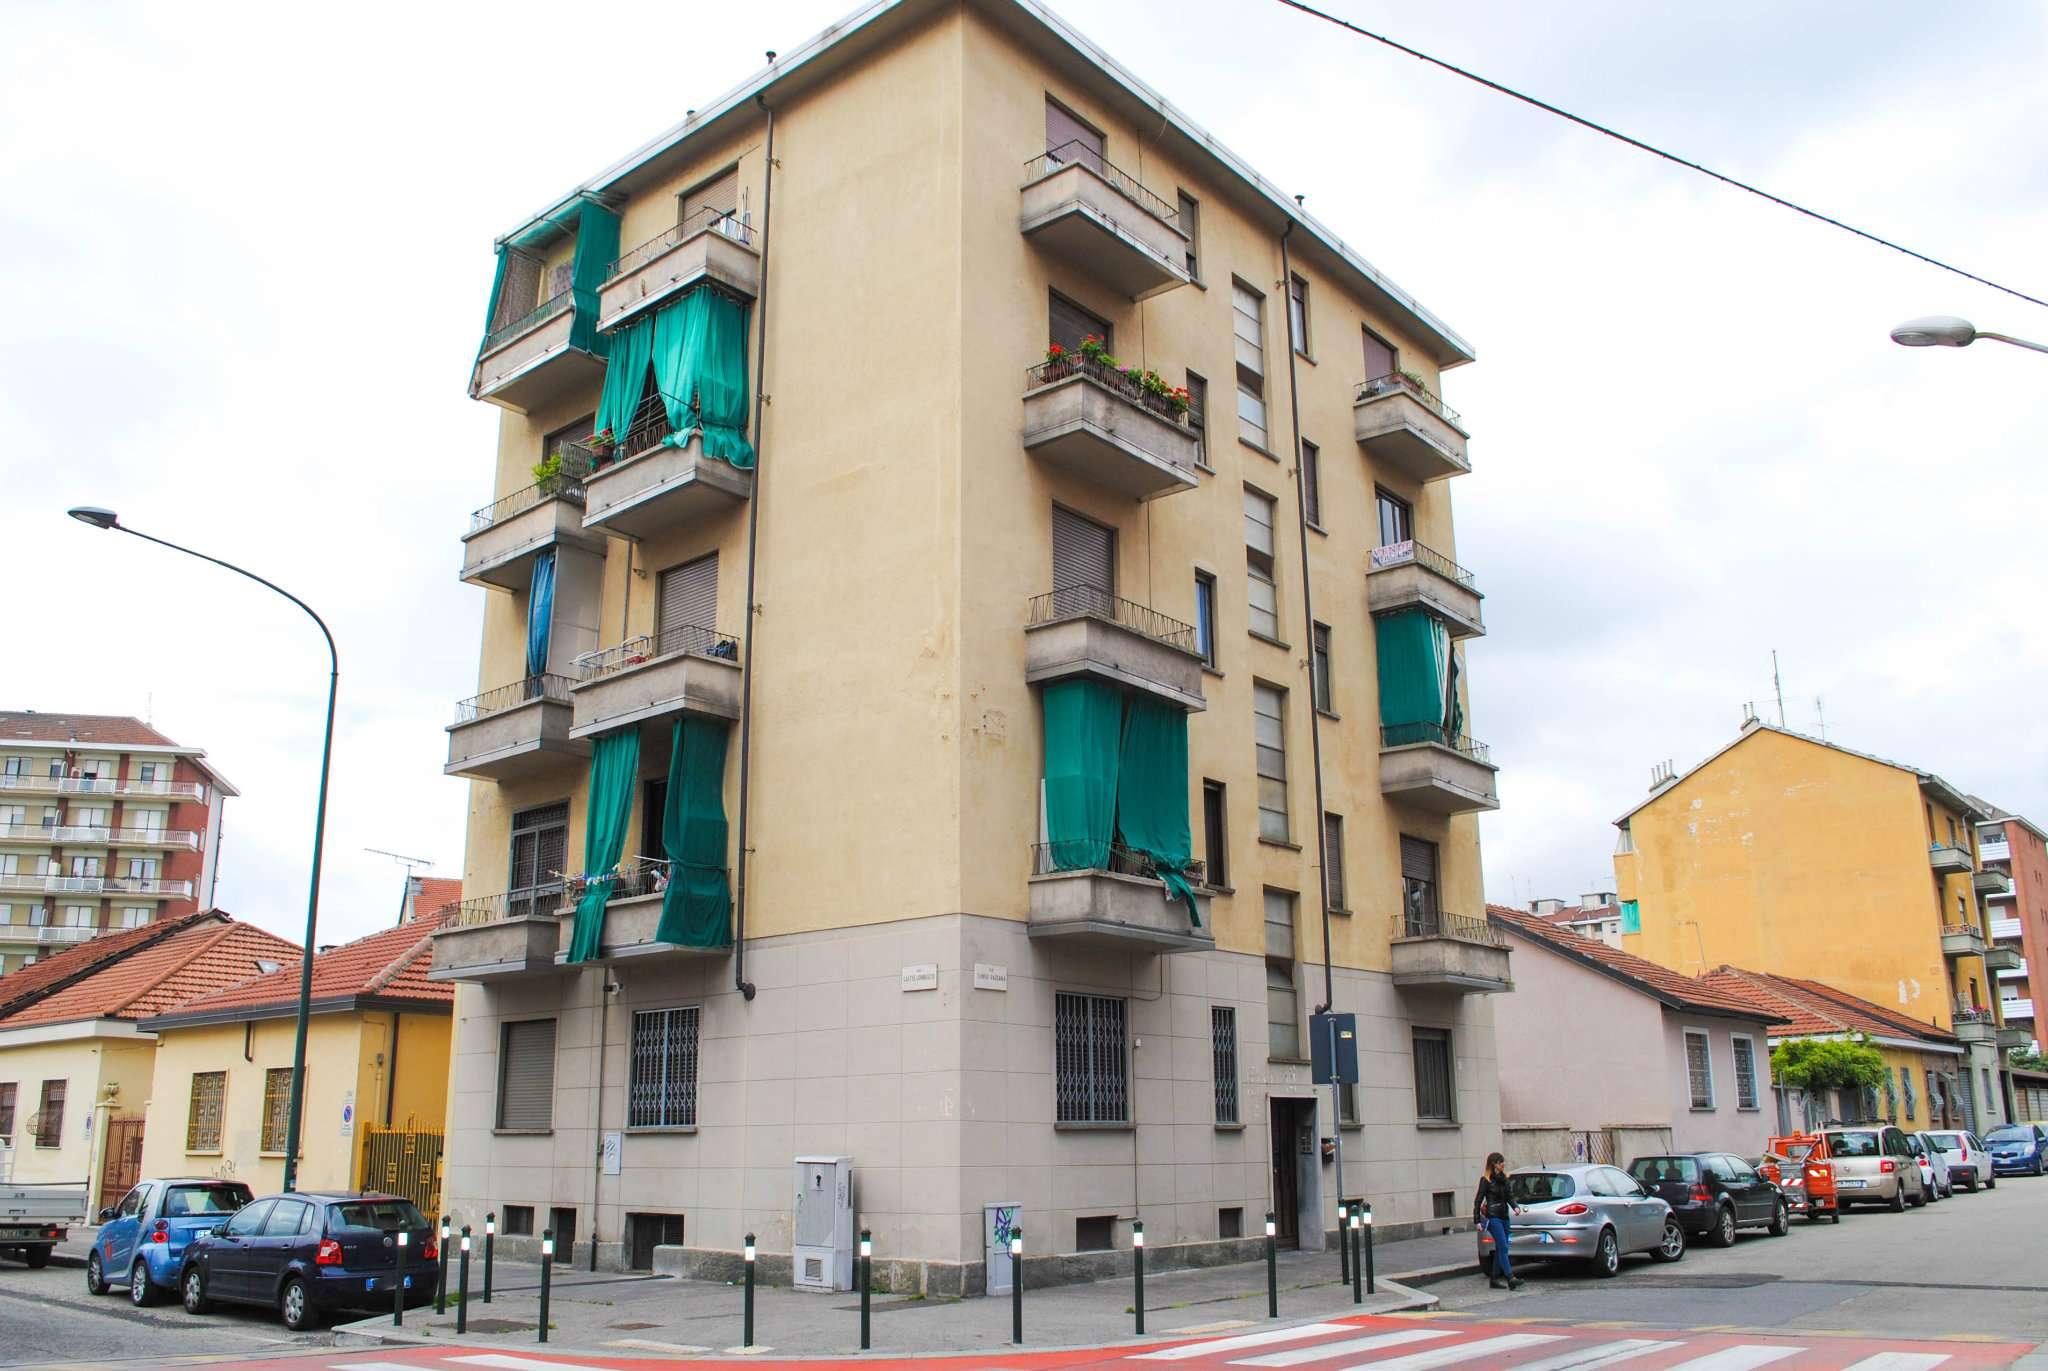 Bilocale Torino Via Tempio Pausania 1